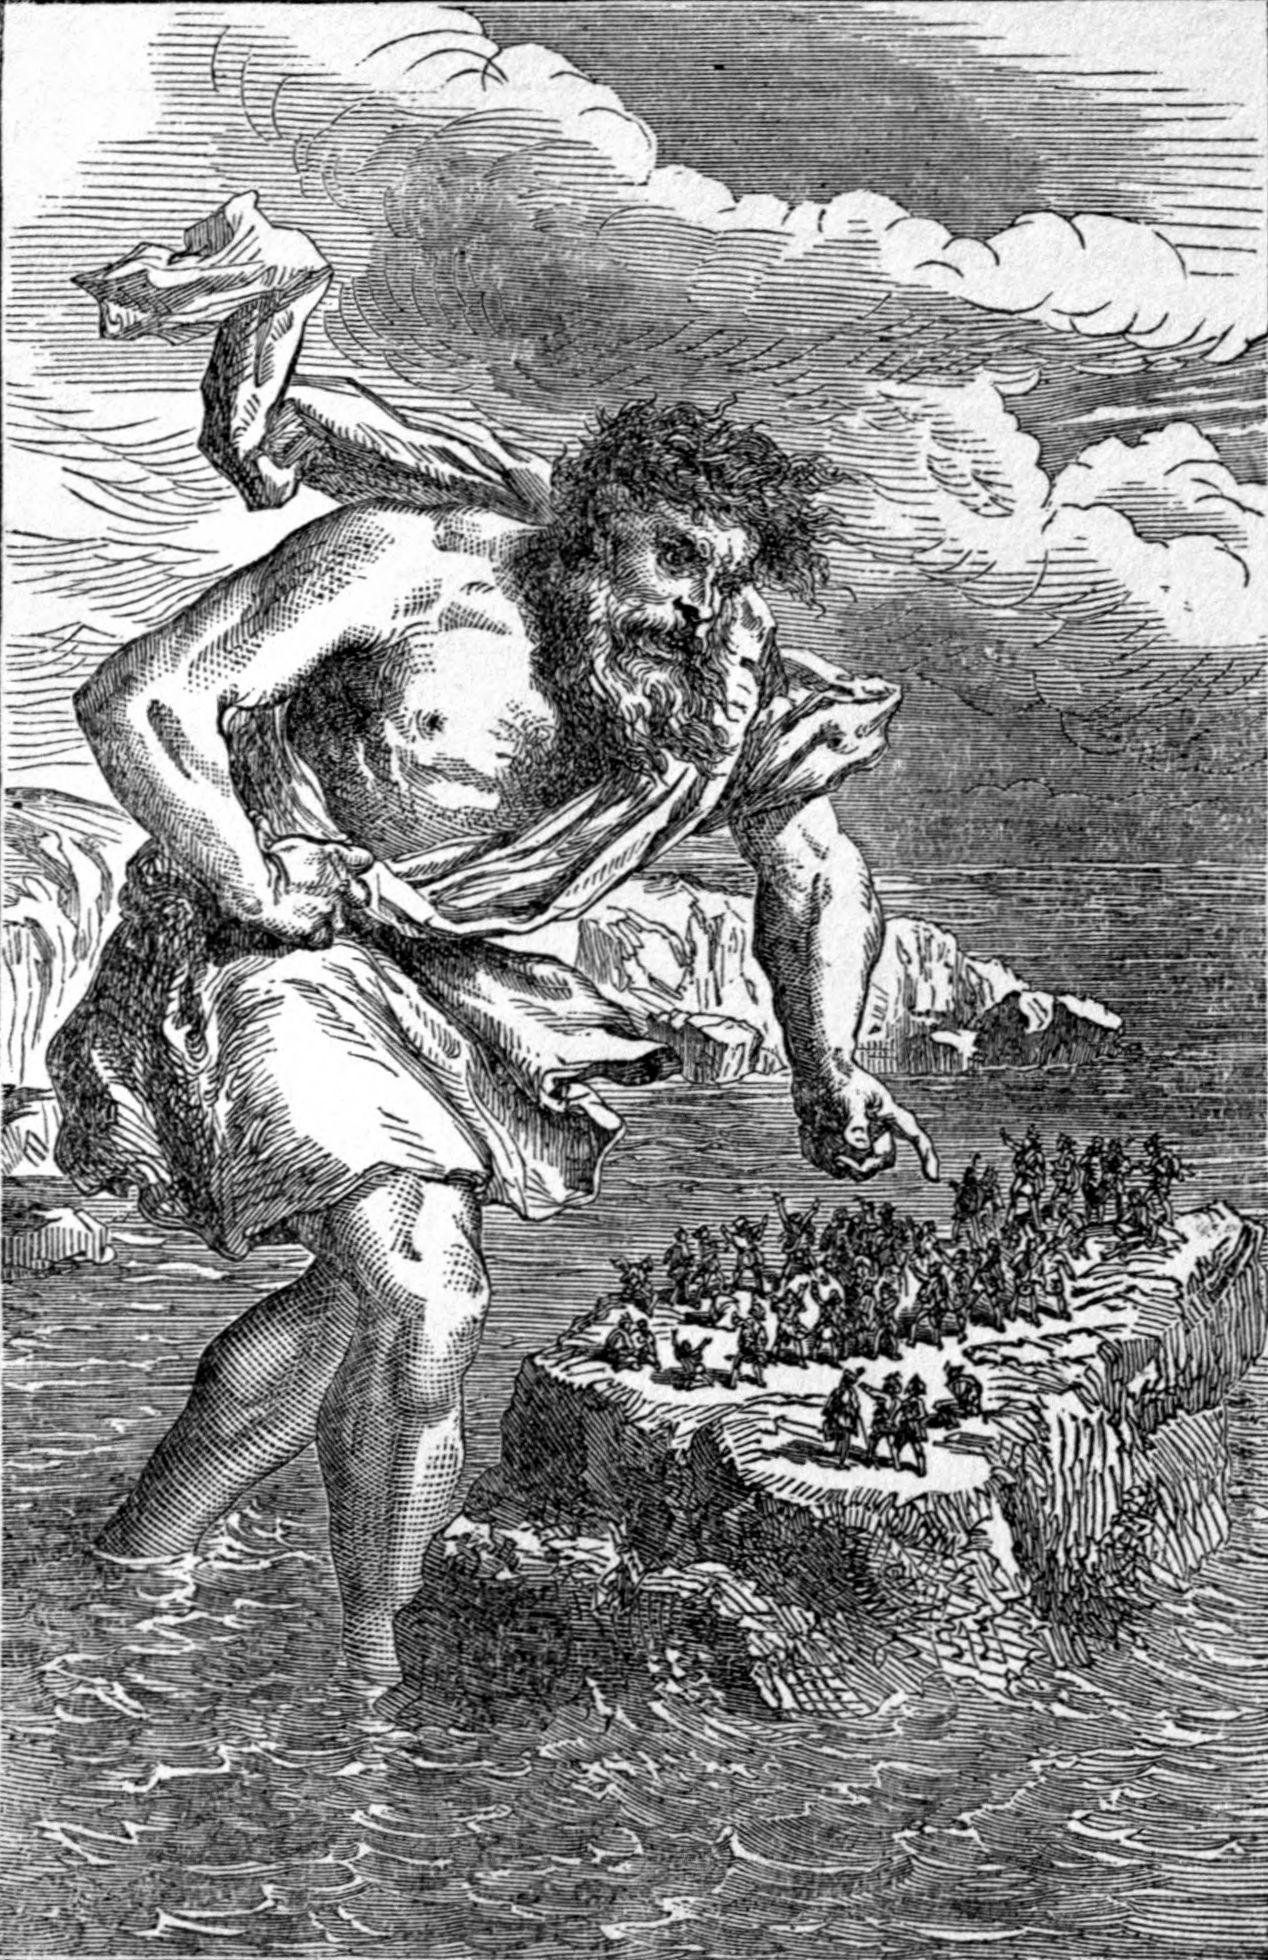 Suttung y los enanos. Imagen del libro The Heroes of Asgard : Tales from Scandinavian Mythology publicado en 1891.